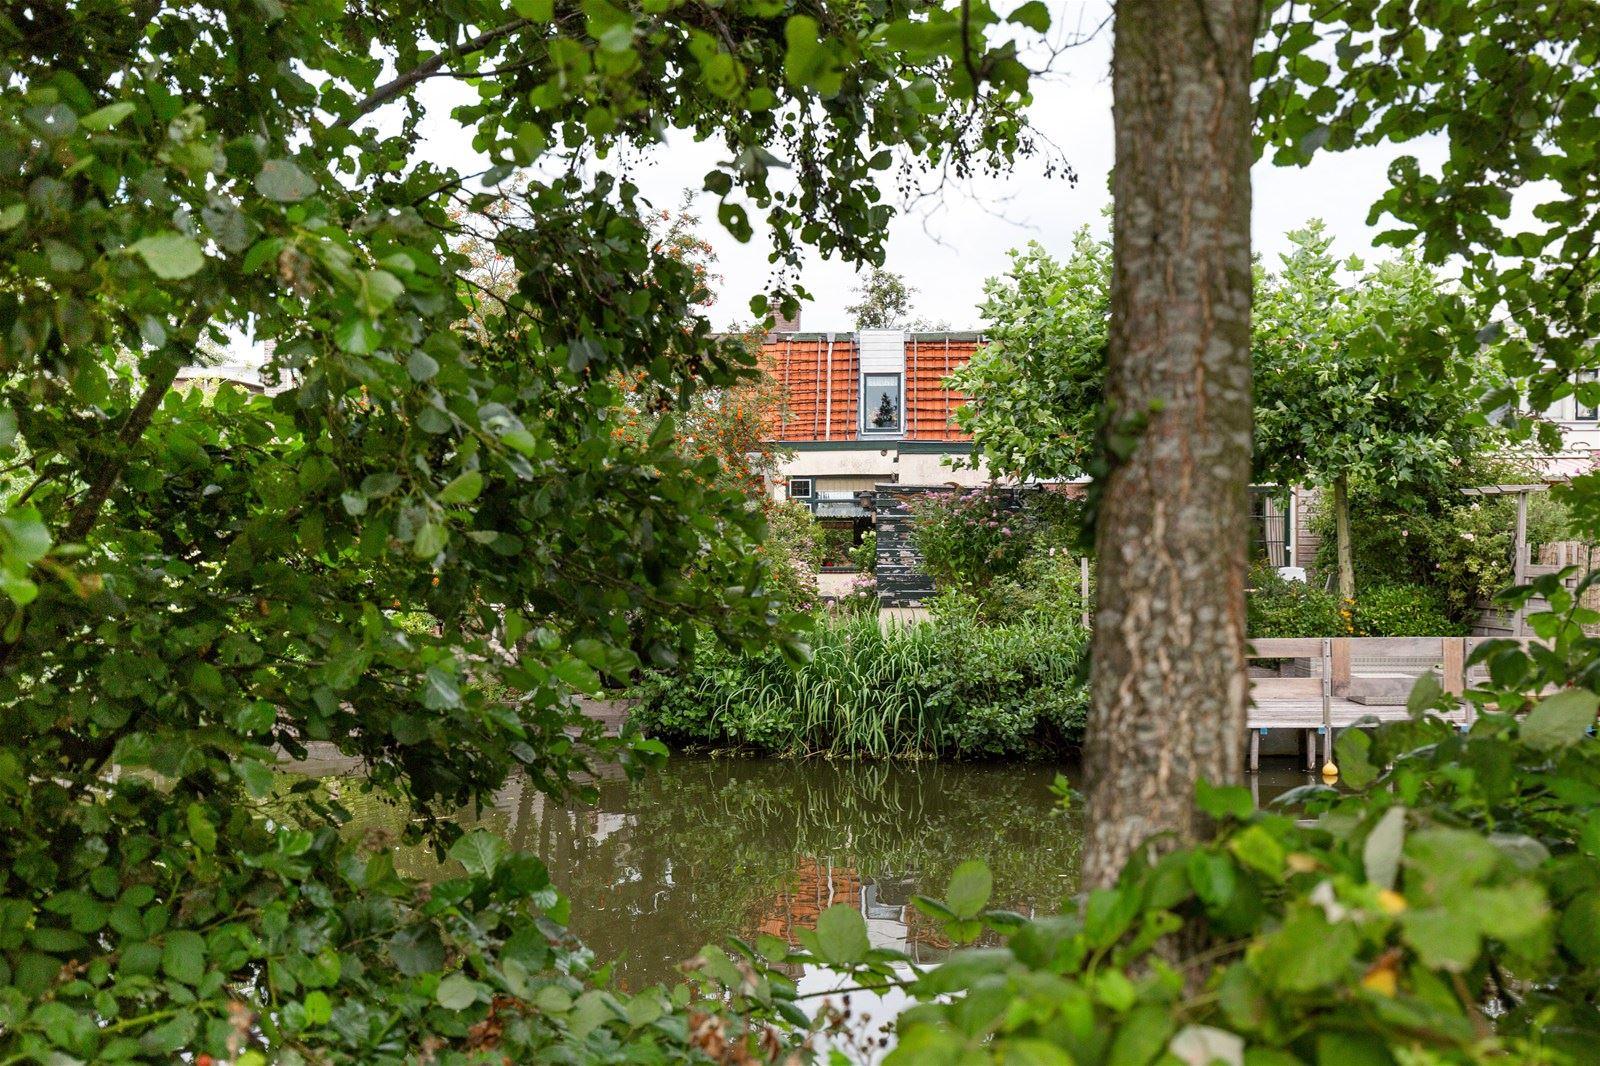 van-der-aart-sportpark-vondelkwartier-haarlem-noord-wonen-aan-een-sportpark-slaperdijkweg